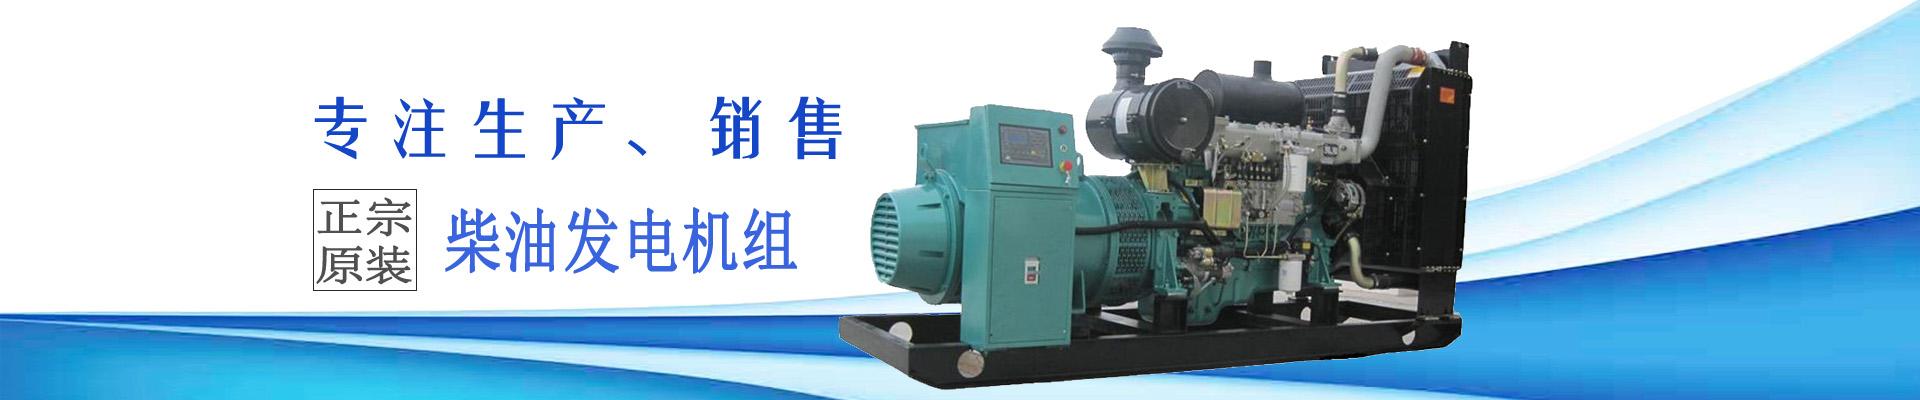 国三柴油发电机组